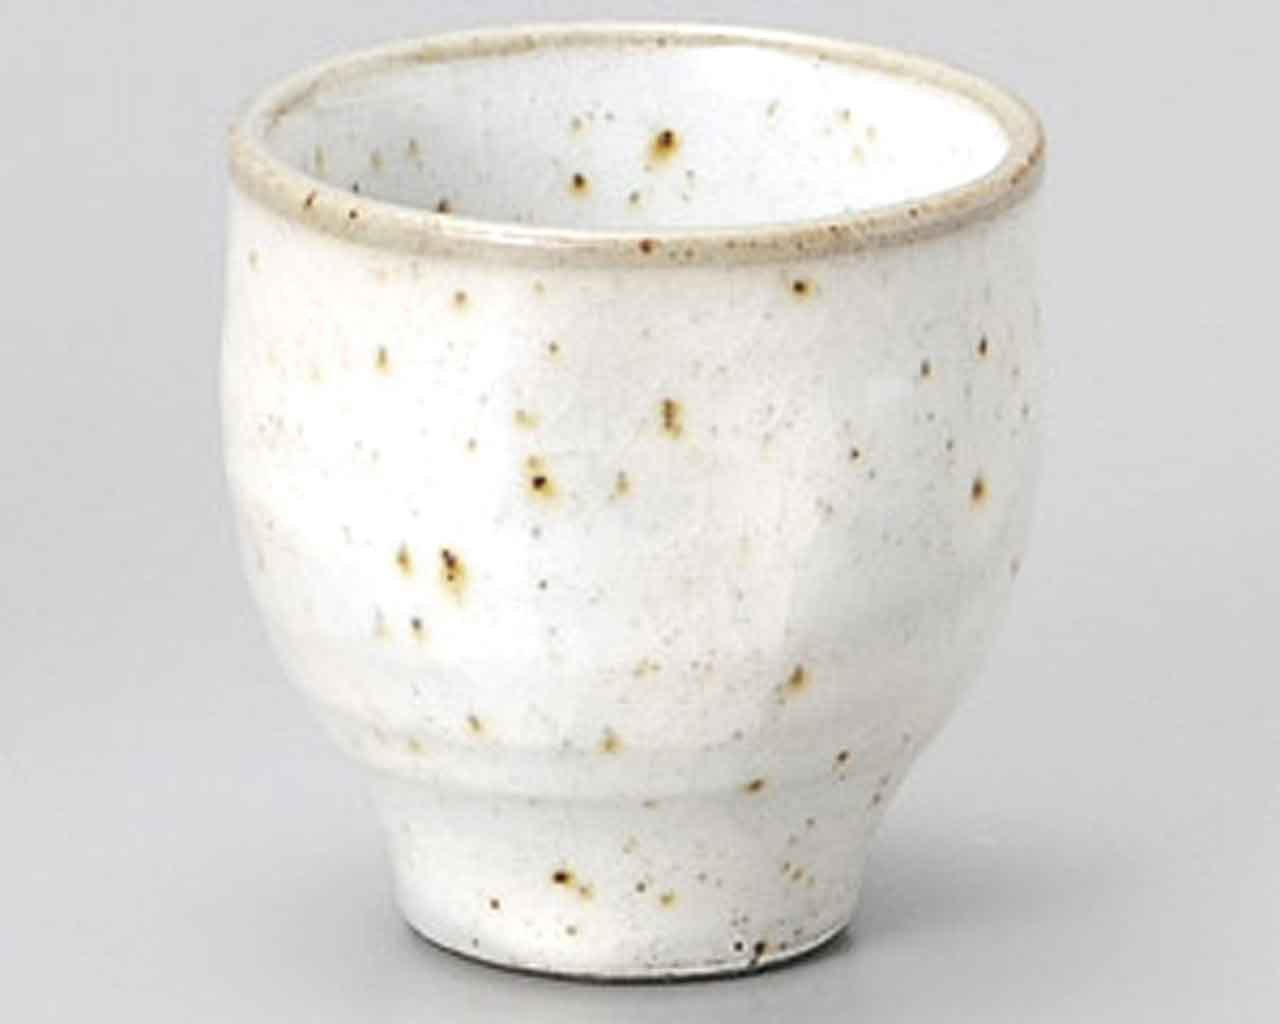 Kobiki Blue 2.4inch Set of 2 Sake Cups White Ceramic Made in Japan watou.asia